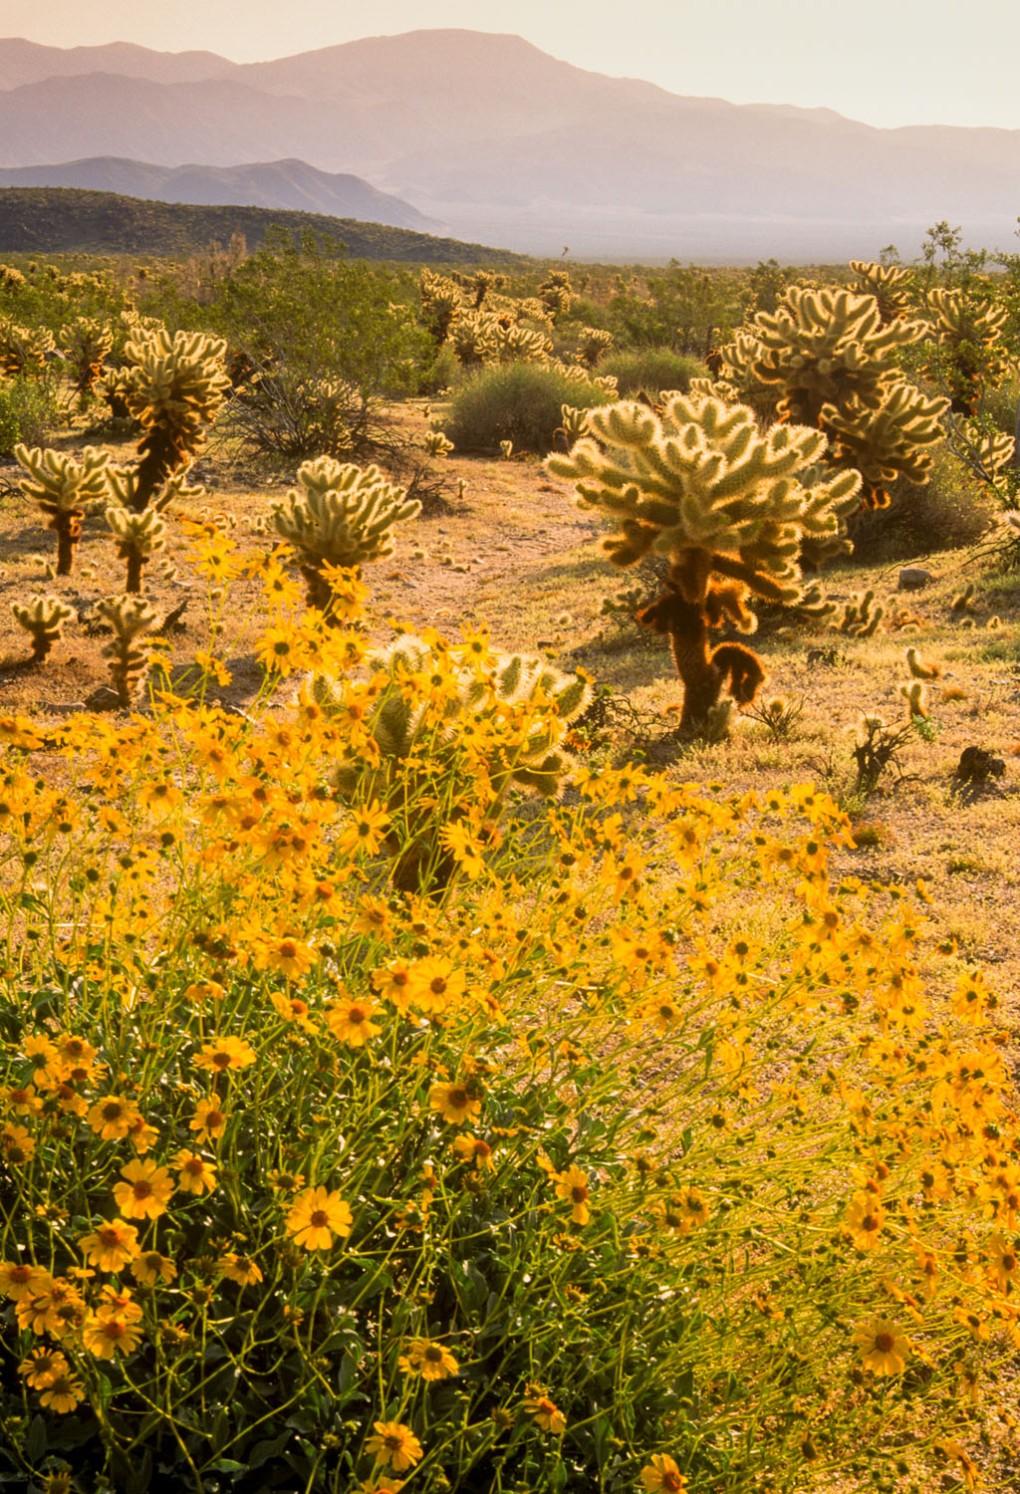 desert flowers lit with backlighting